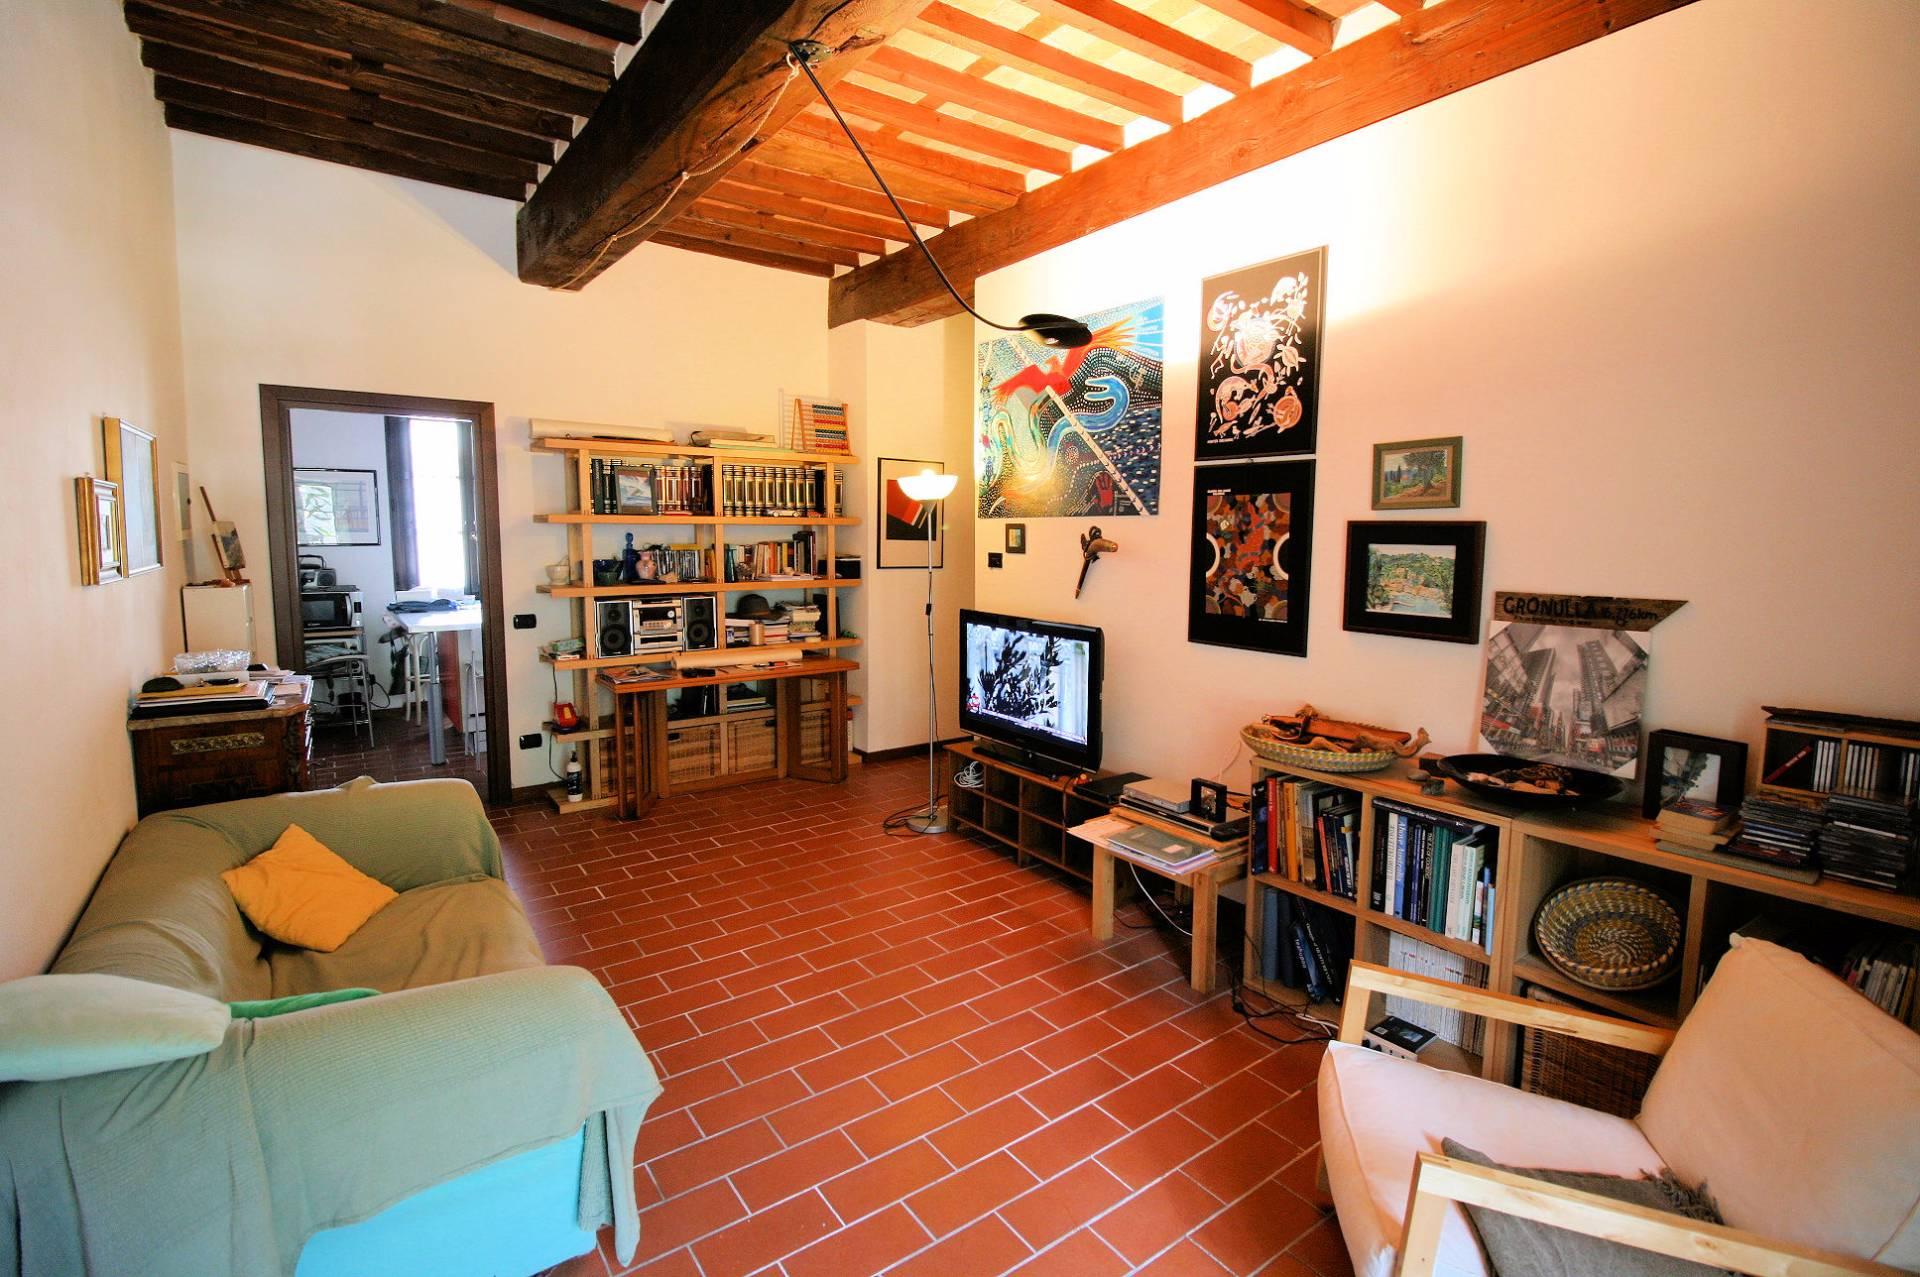 Appartamento in vendita a Massarosa, 5 locali, zona Zona: Quiesa, prezzo € 190.000 | Cambio Casa.it